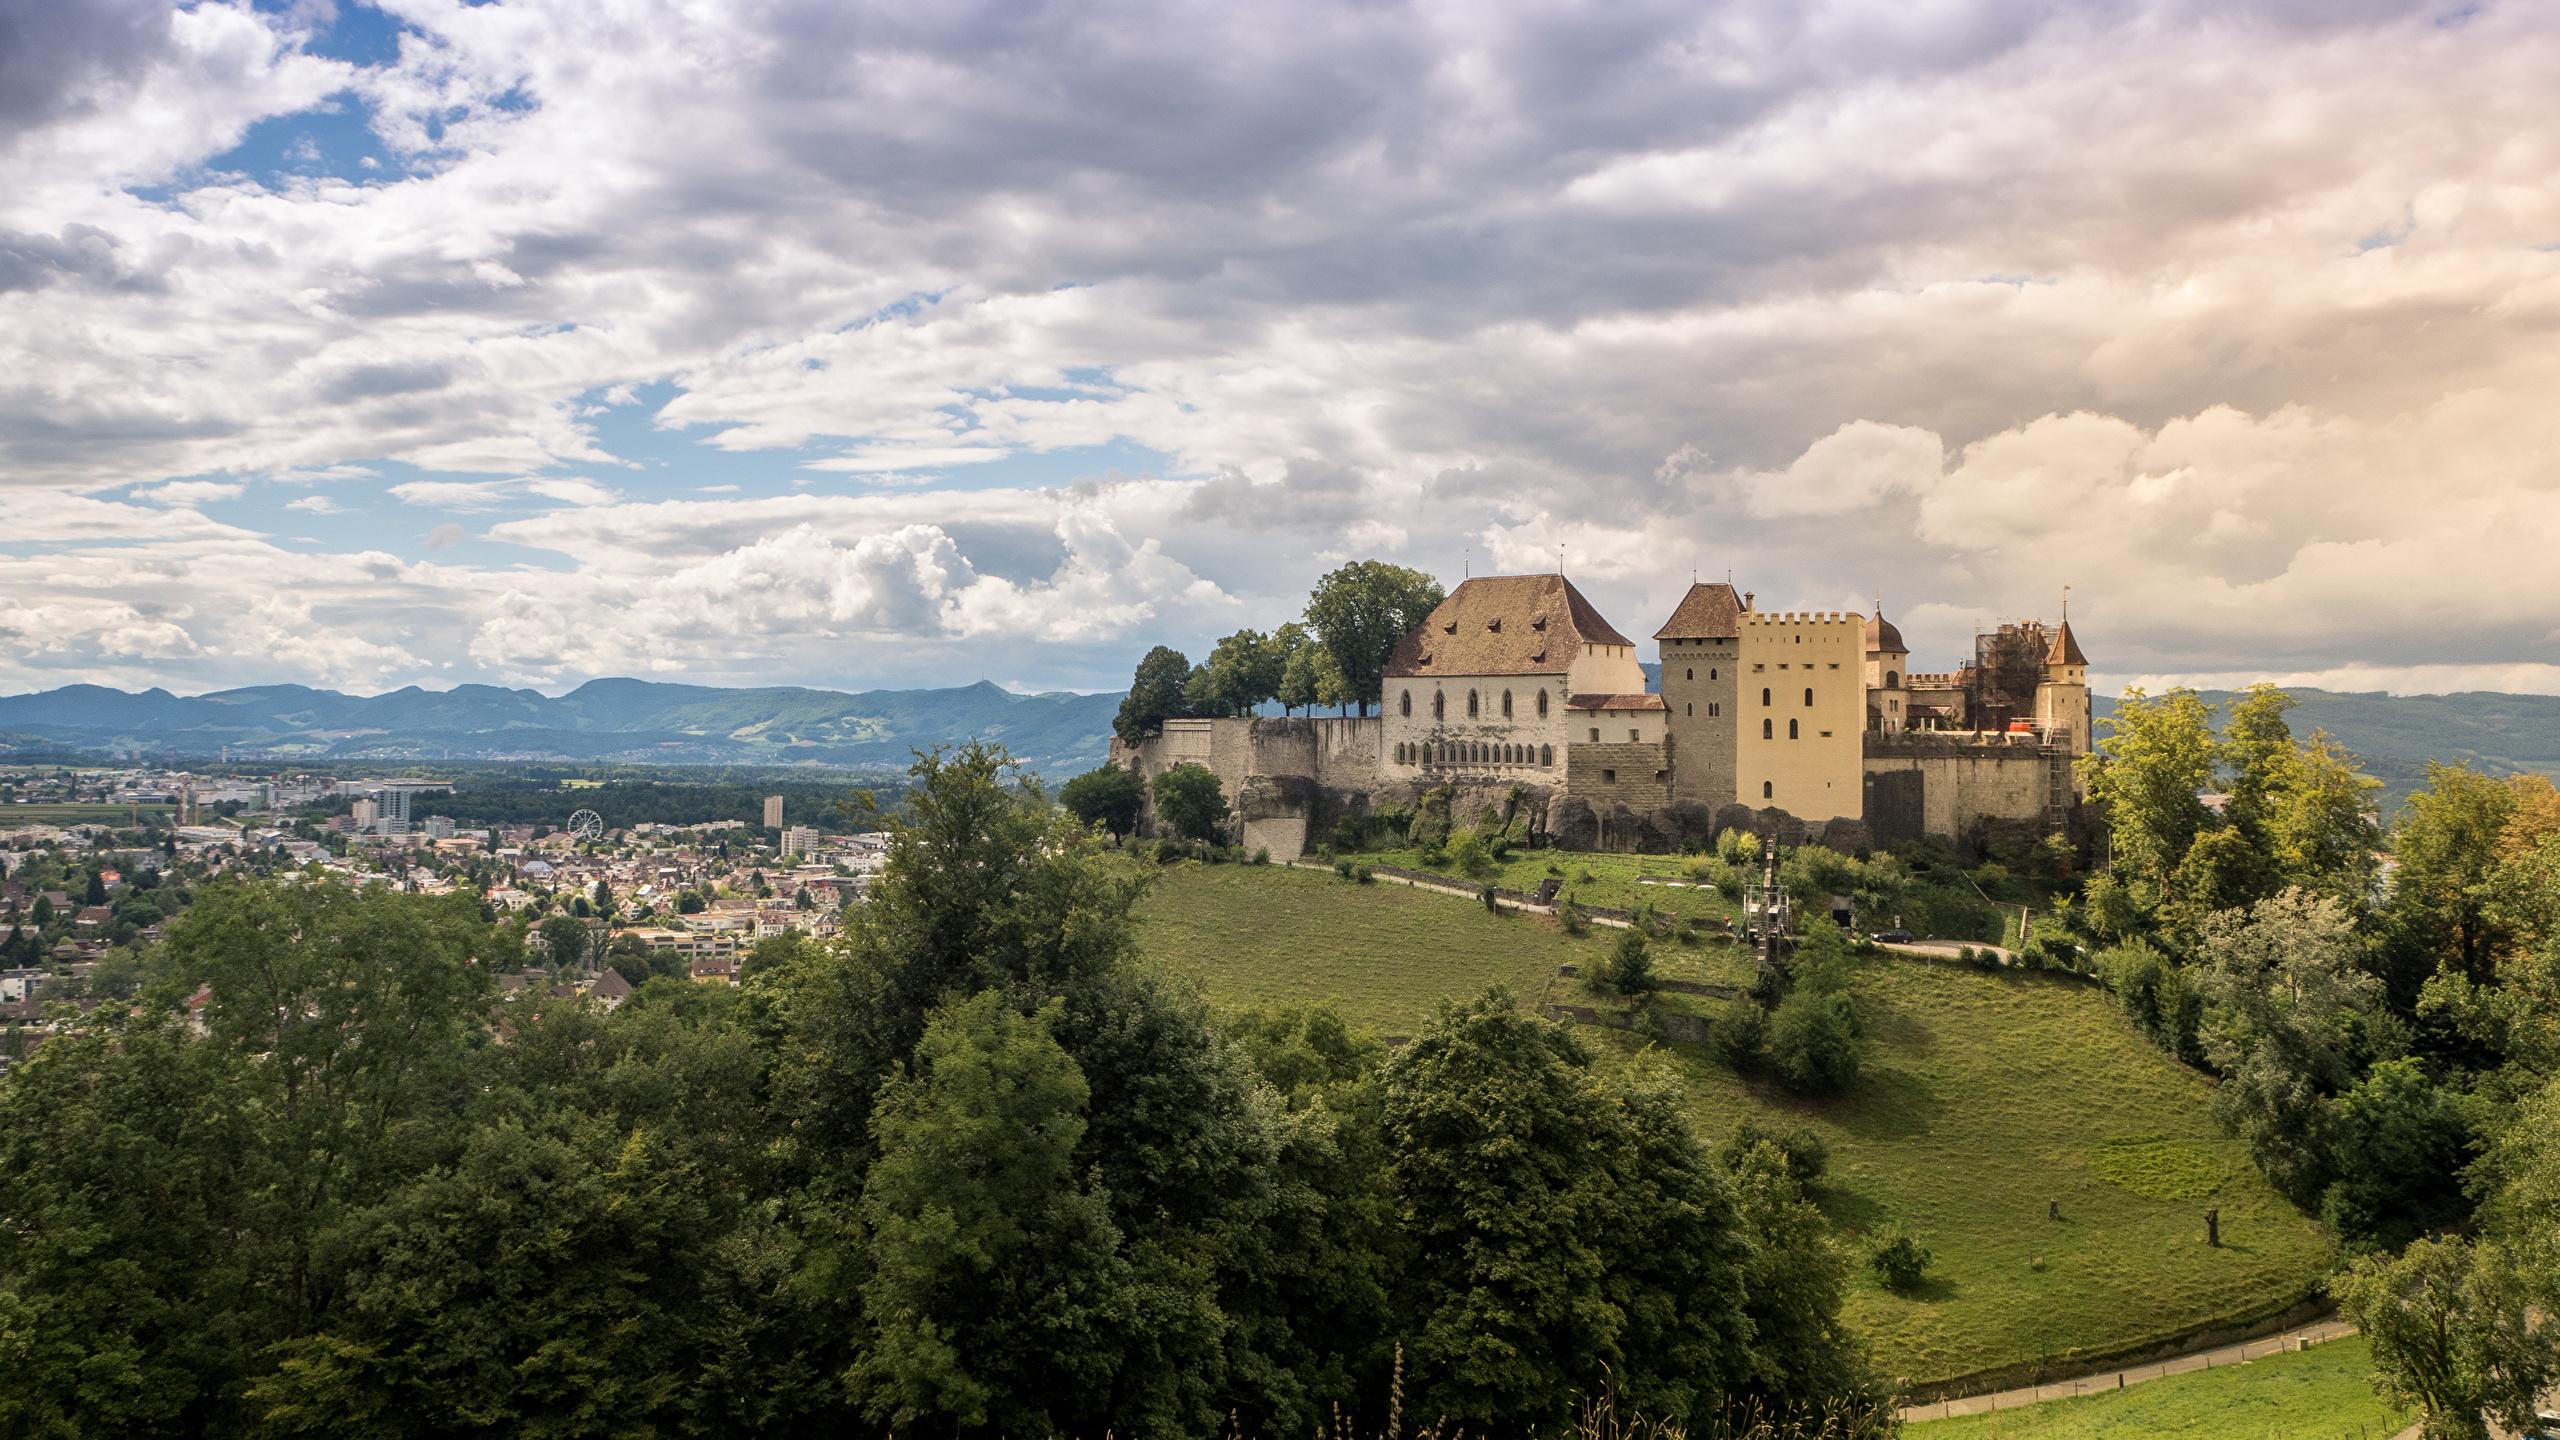 Фото Швейцария Lenzburg Castle Замки Небо Города Облака Ландшафтный дизайн 2560x1440